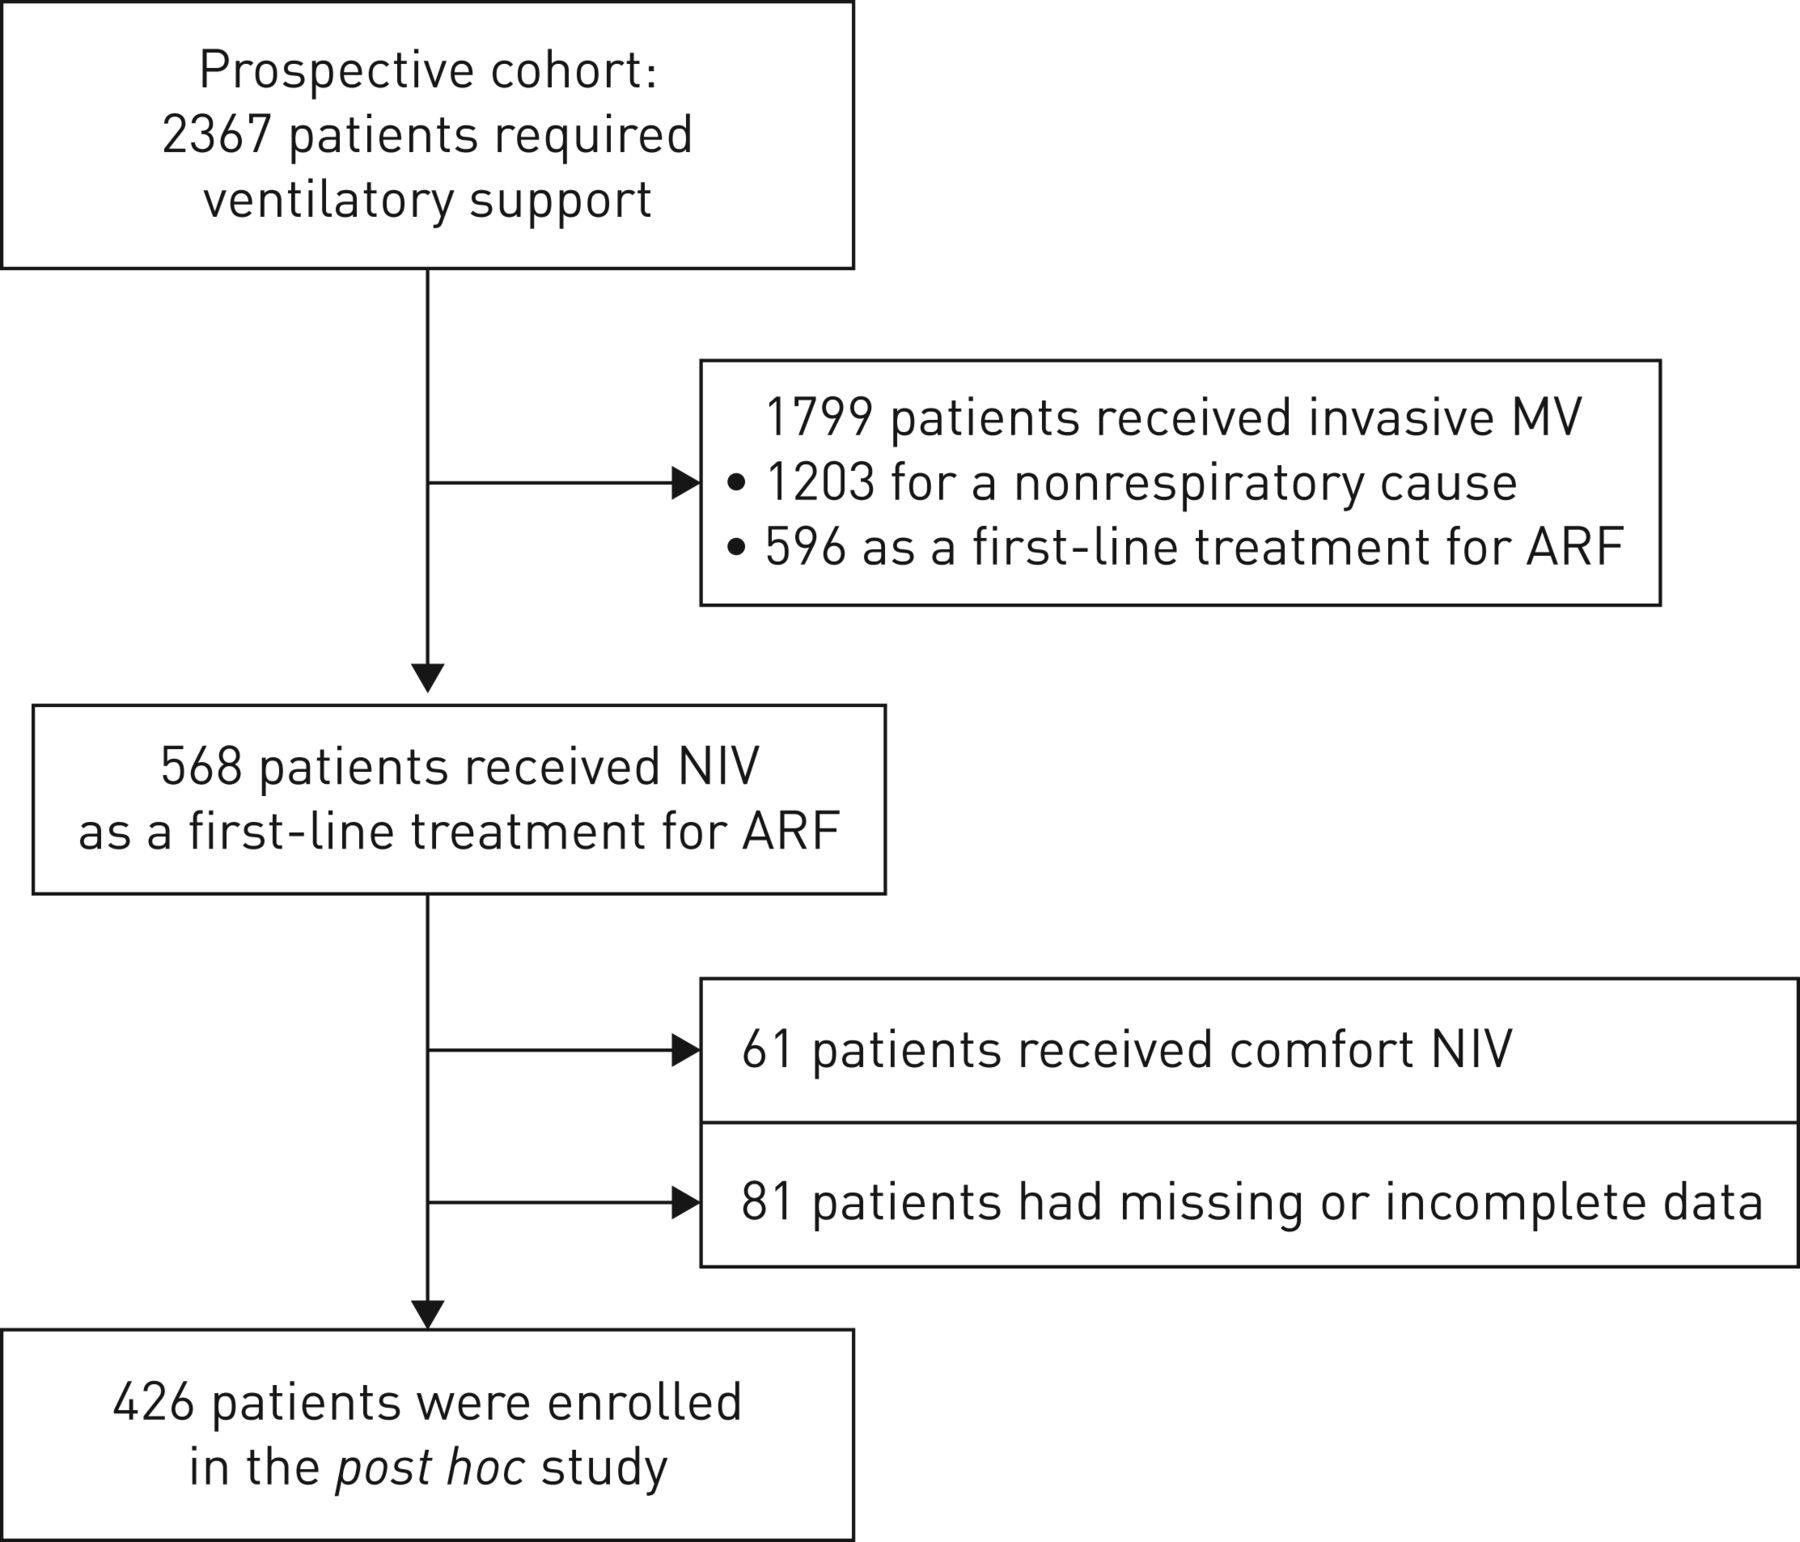 Dyspnoea In Patients Receiving Noninvasive Ventilation For Acute